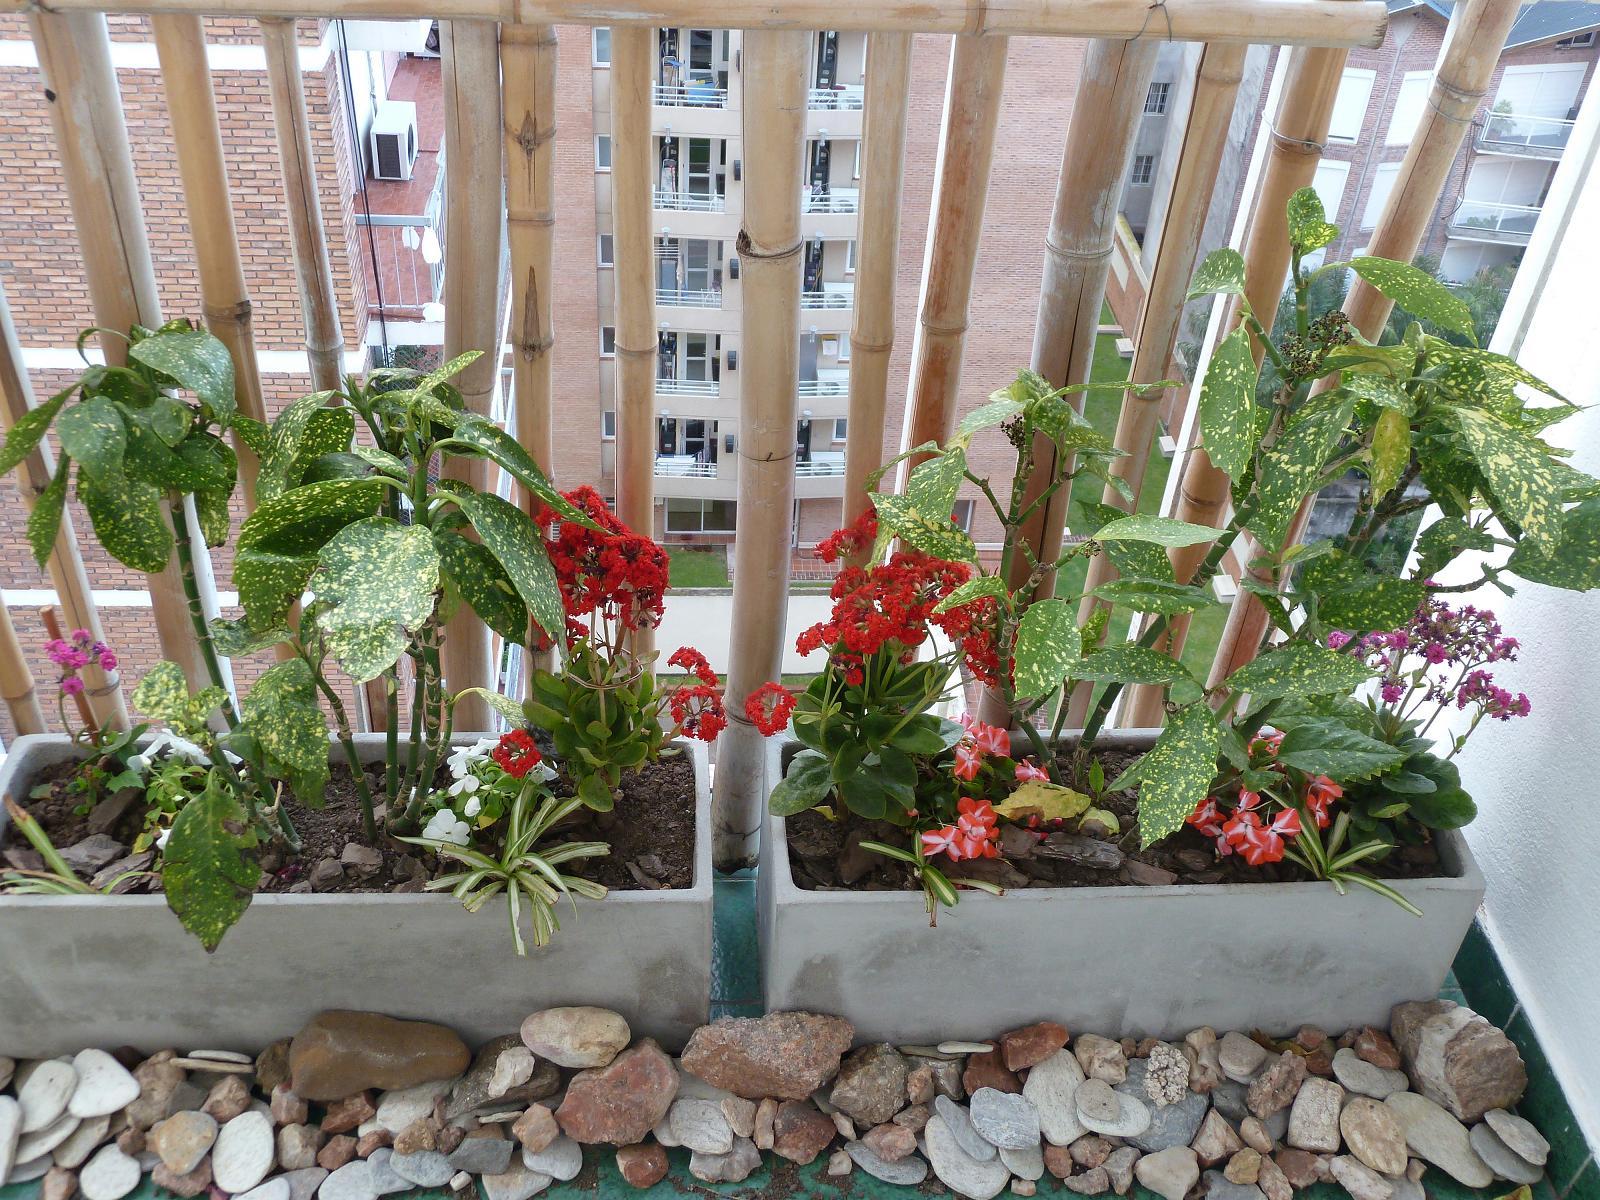 Los invito a pasear por mi jard n terrazas con flores - Plantas para terraza con mucho sol ...